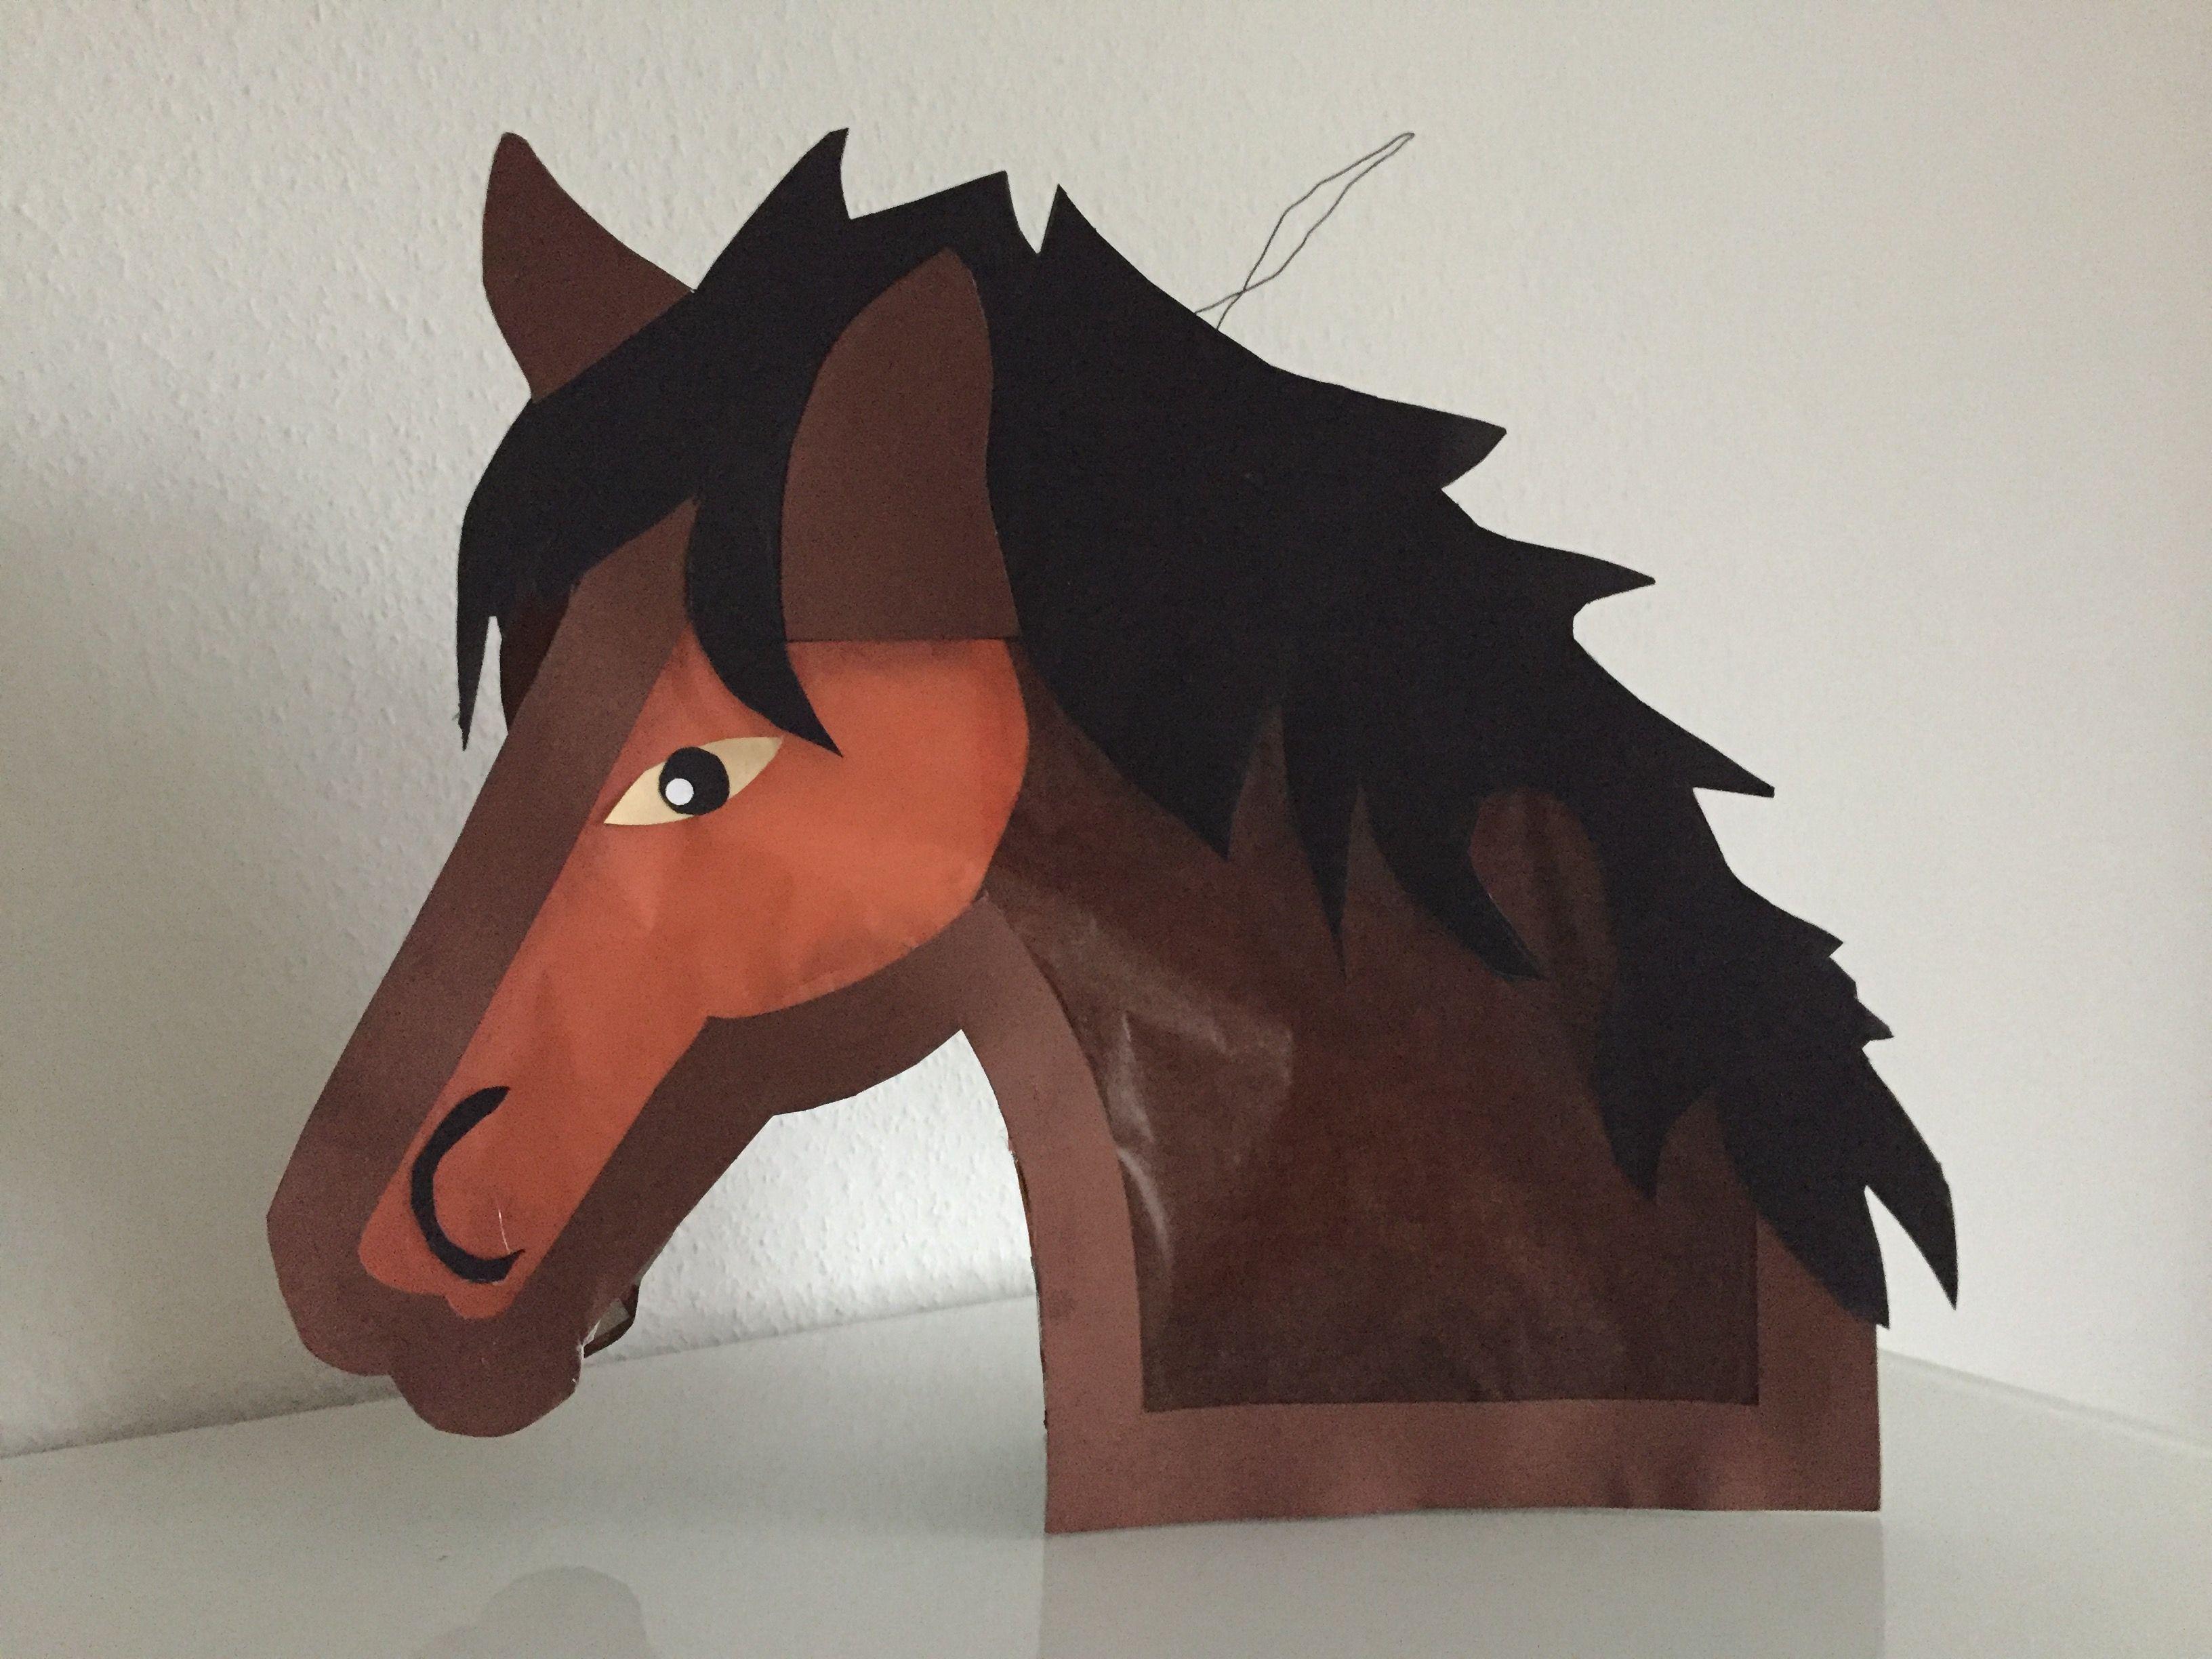 Pferdelaterne Laterne Pferd Kinderleichte Laternen Basteln Laternen Basteln Laterne Basteln Vorlagen